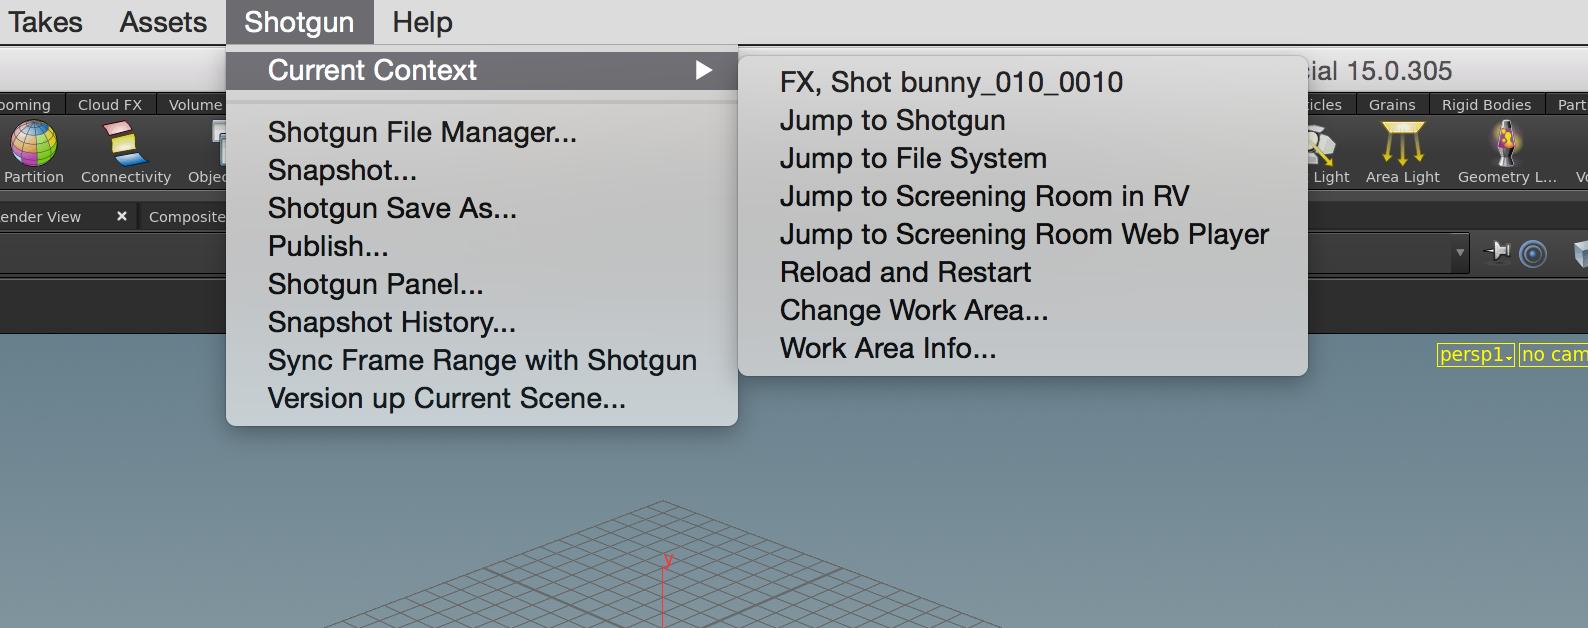 Shotgun 메뉴